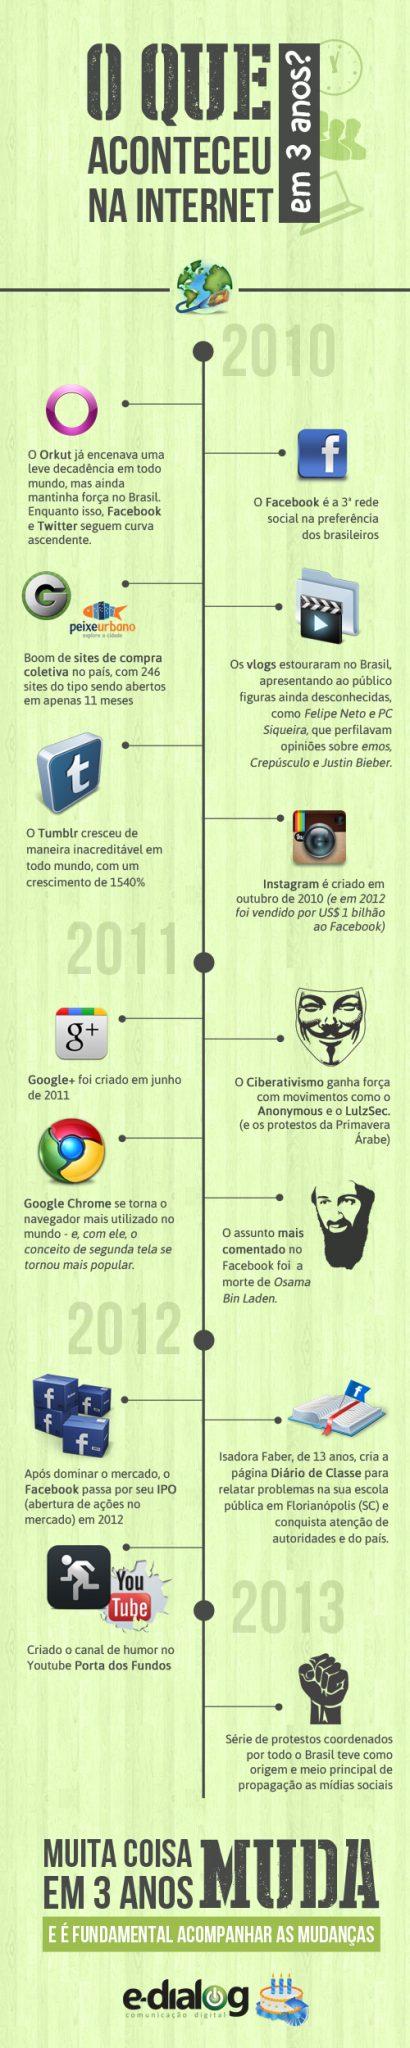 Internet em 3 anos